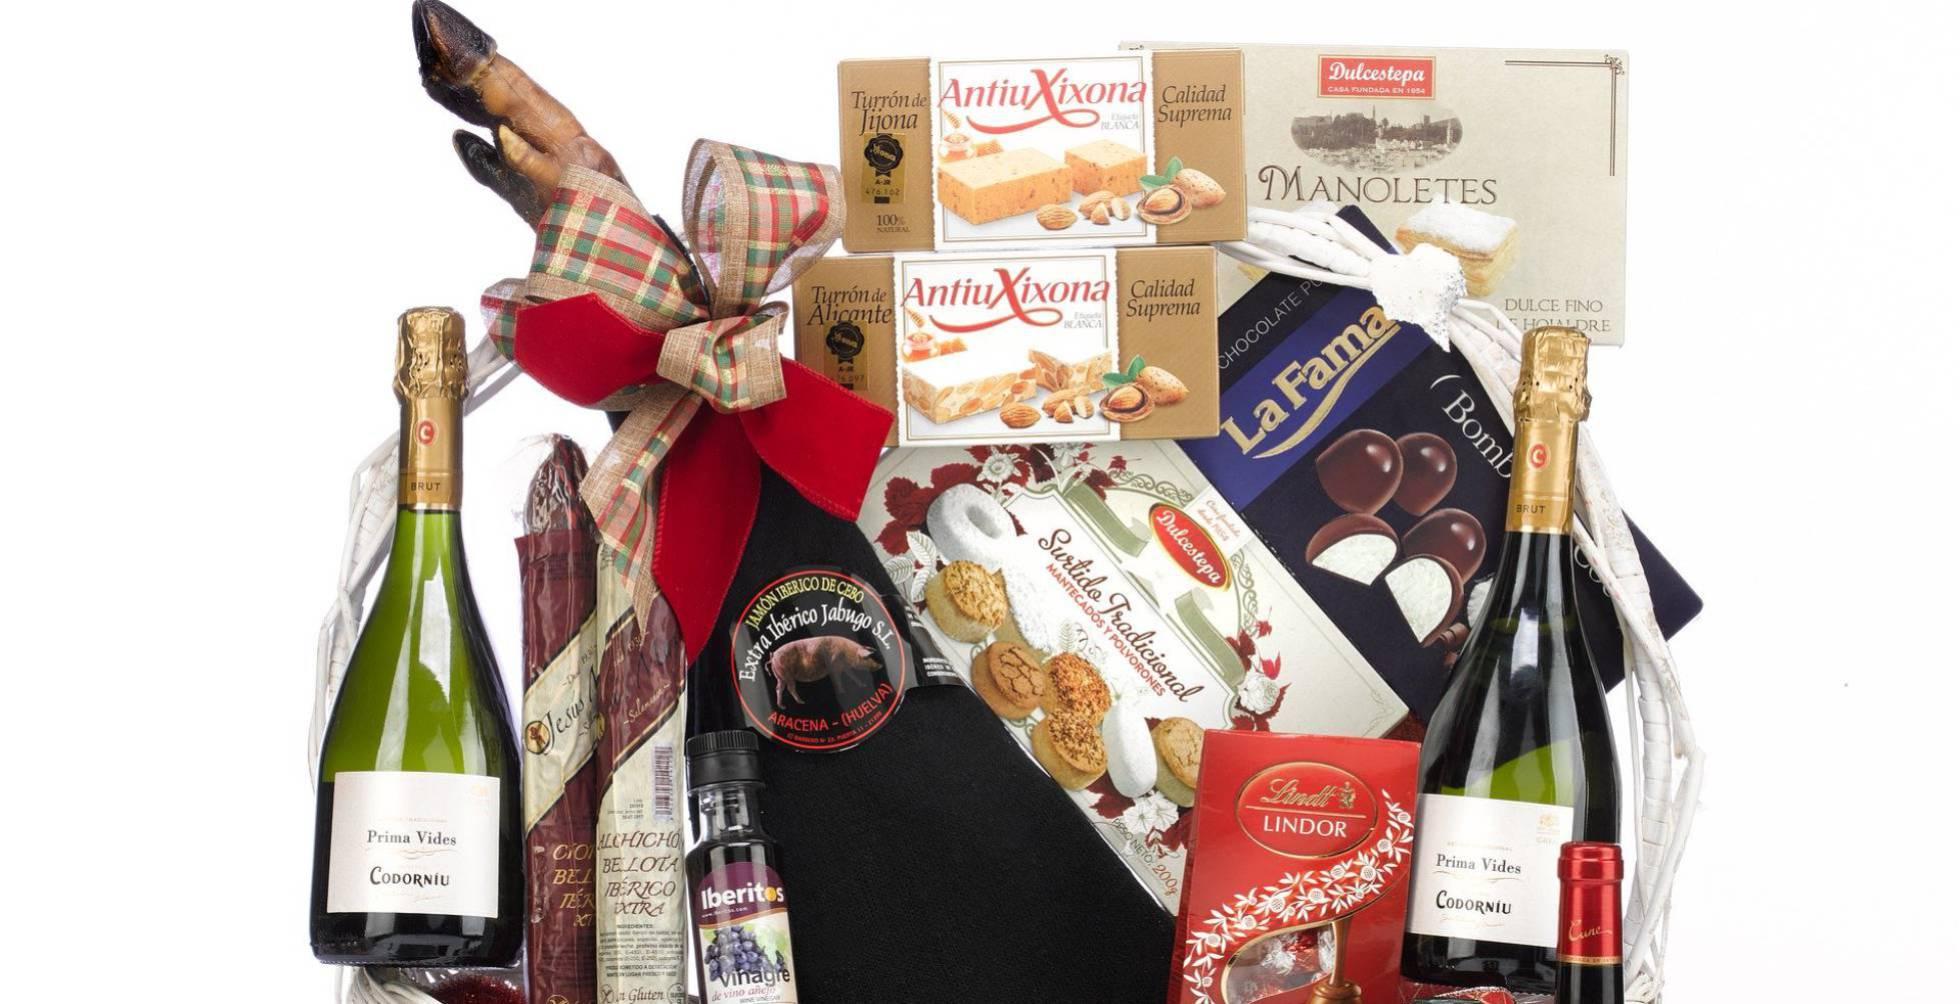 ¿Son deducibles los regalos de empresa? El ejemplo de la cesta de Navidad